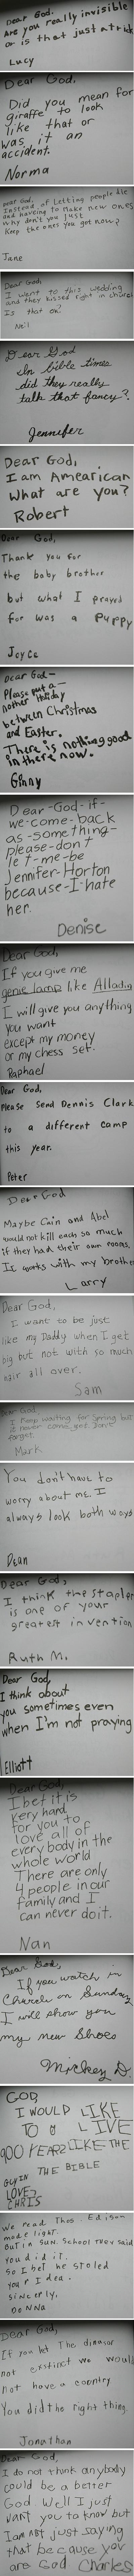 Little kids...